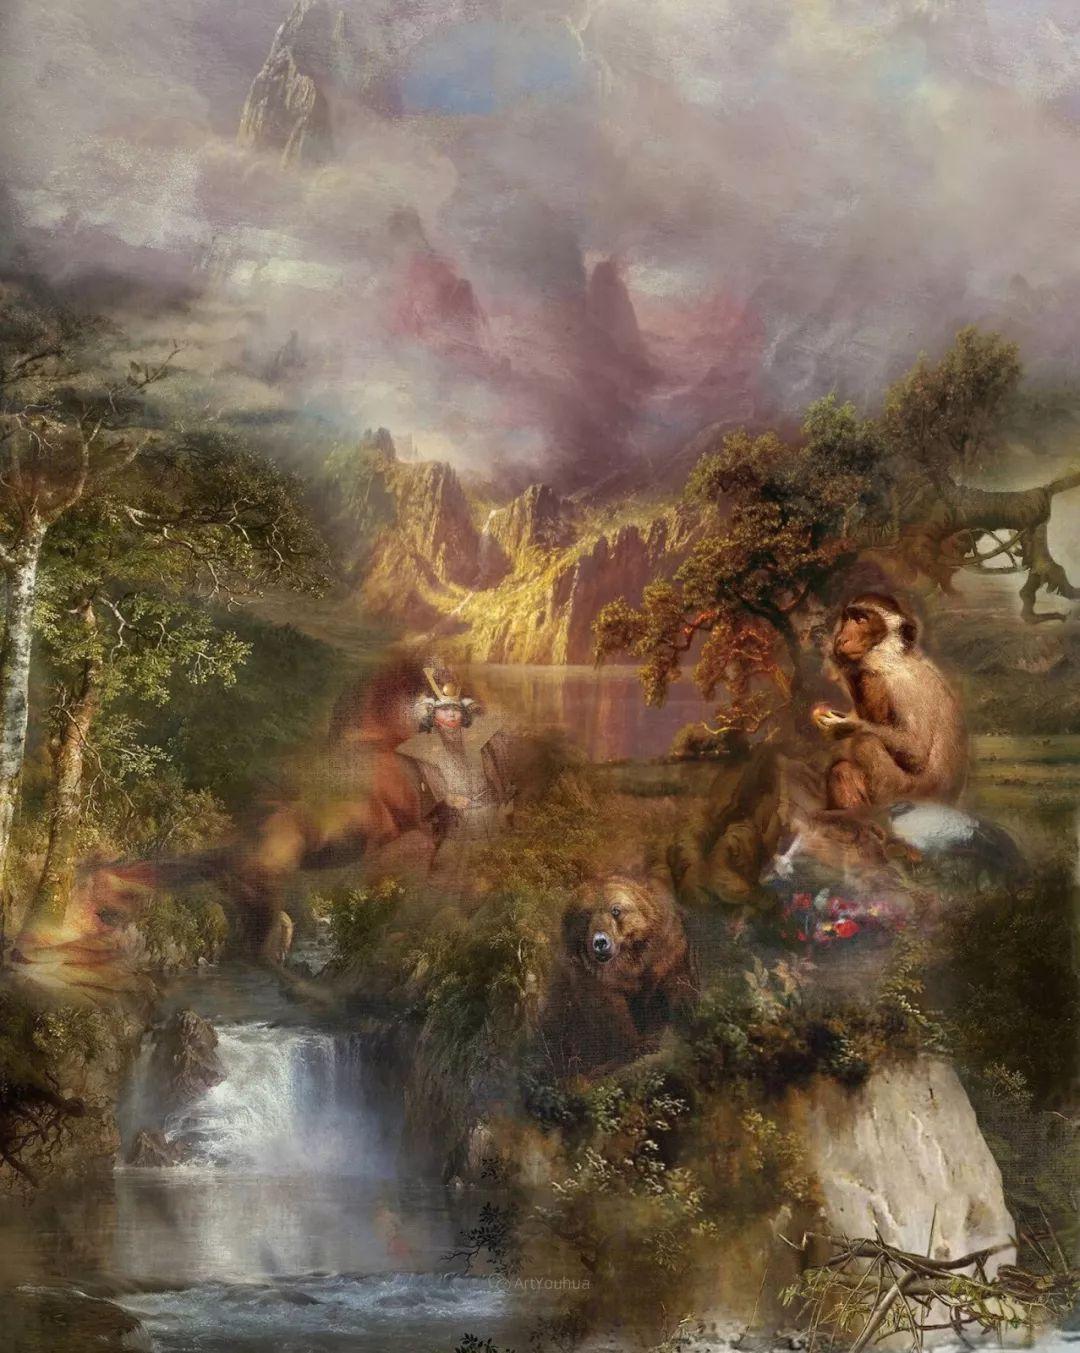 传统绘画与后现代元素的结合,英国画家伊娃·特洛伊插图11